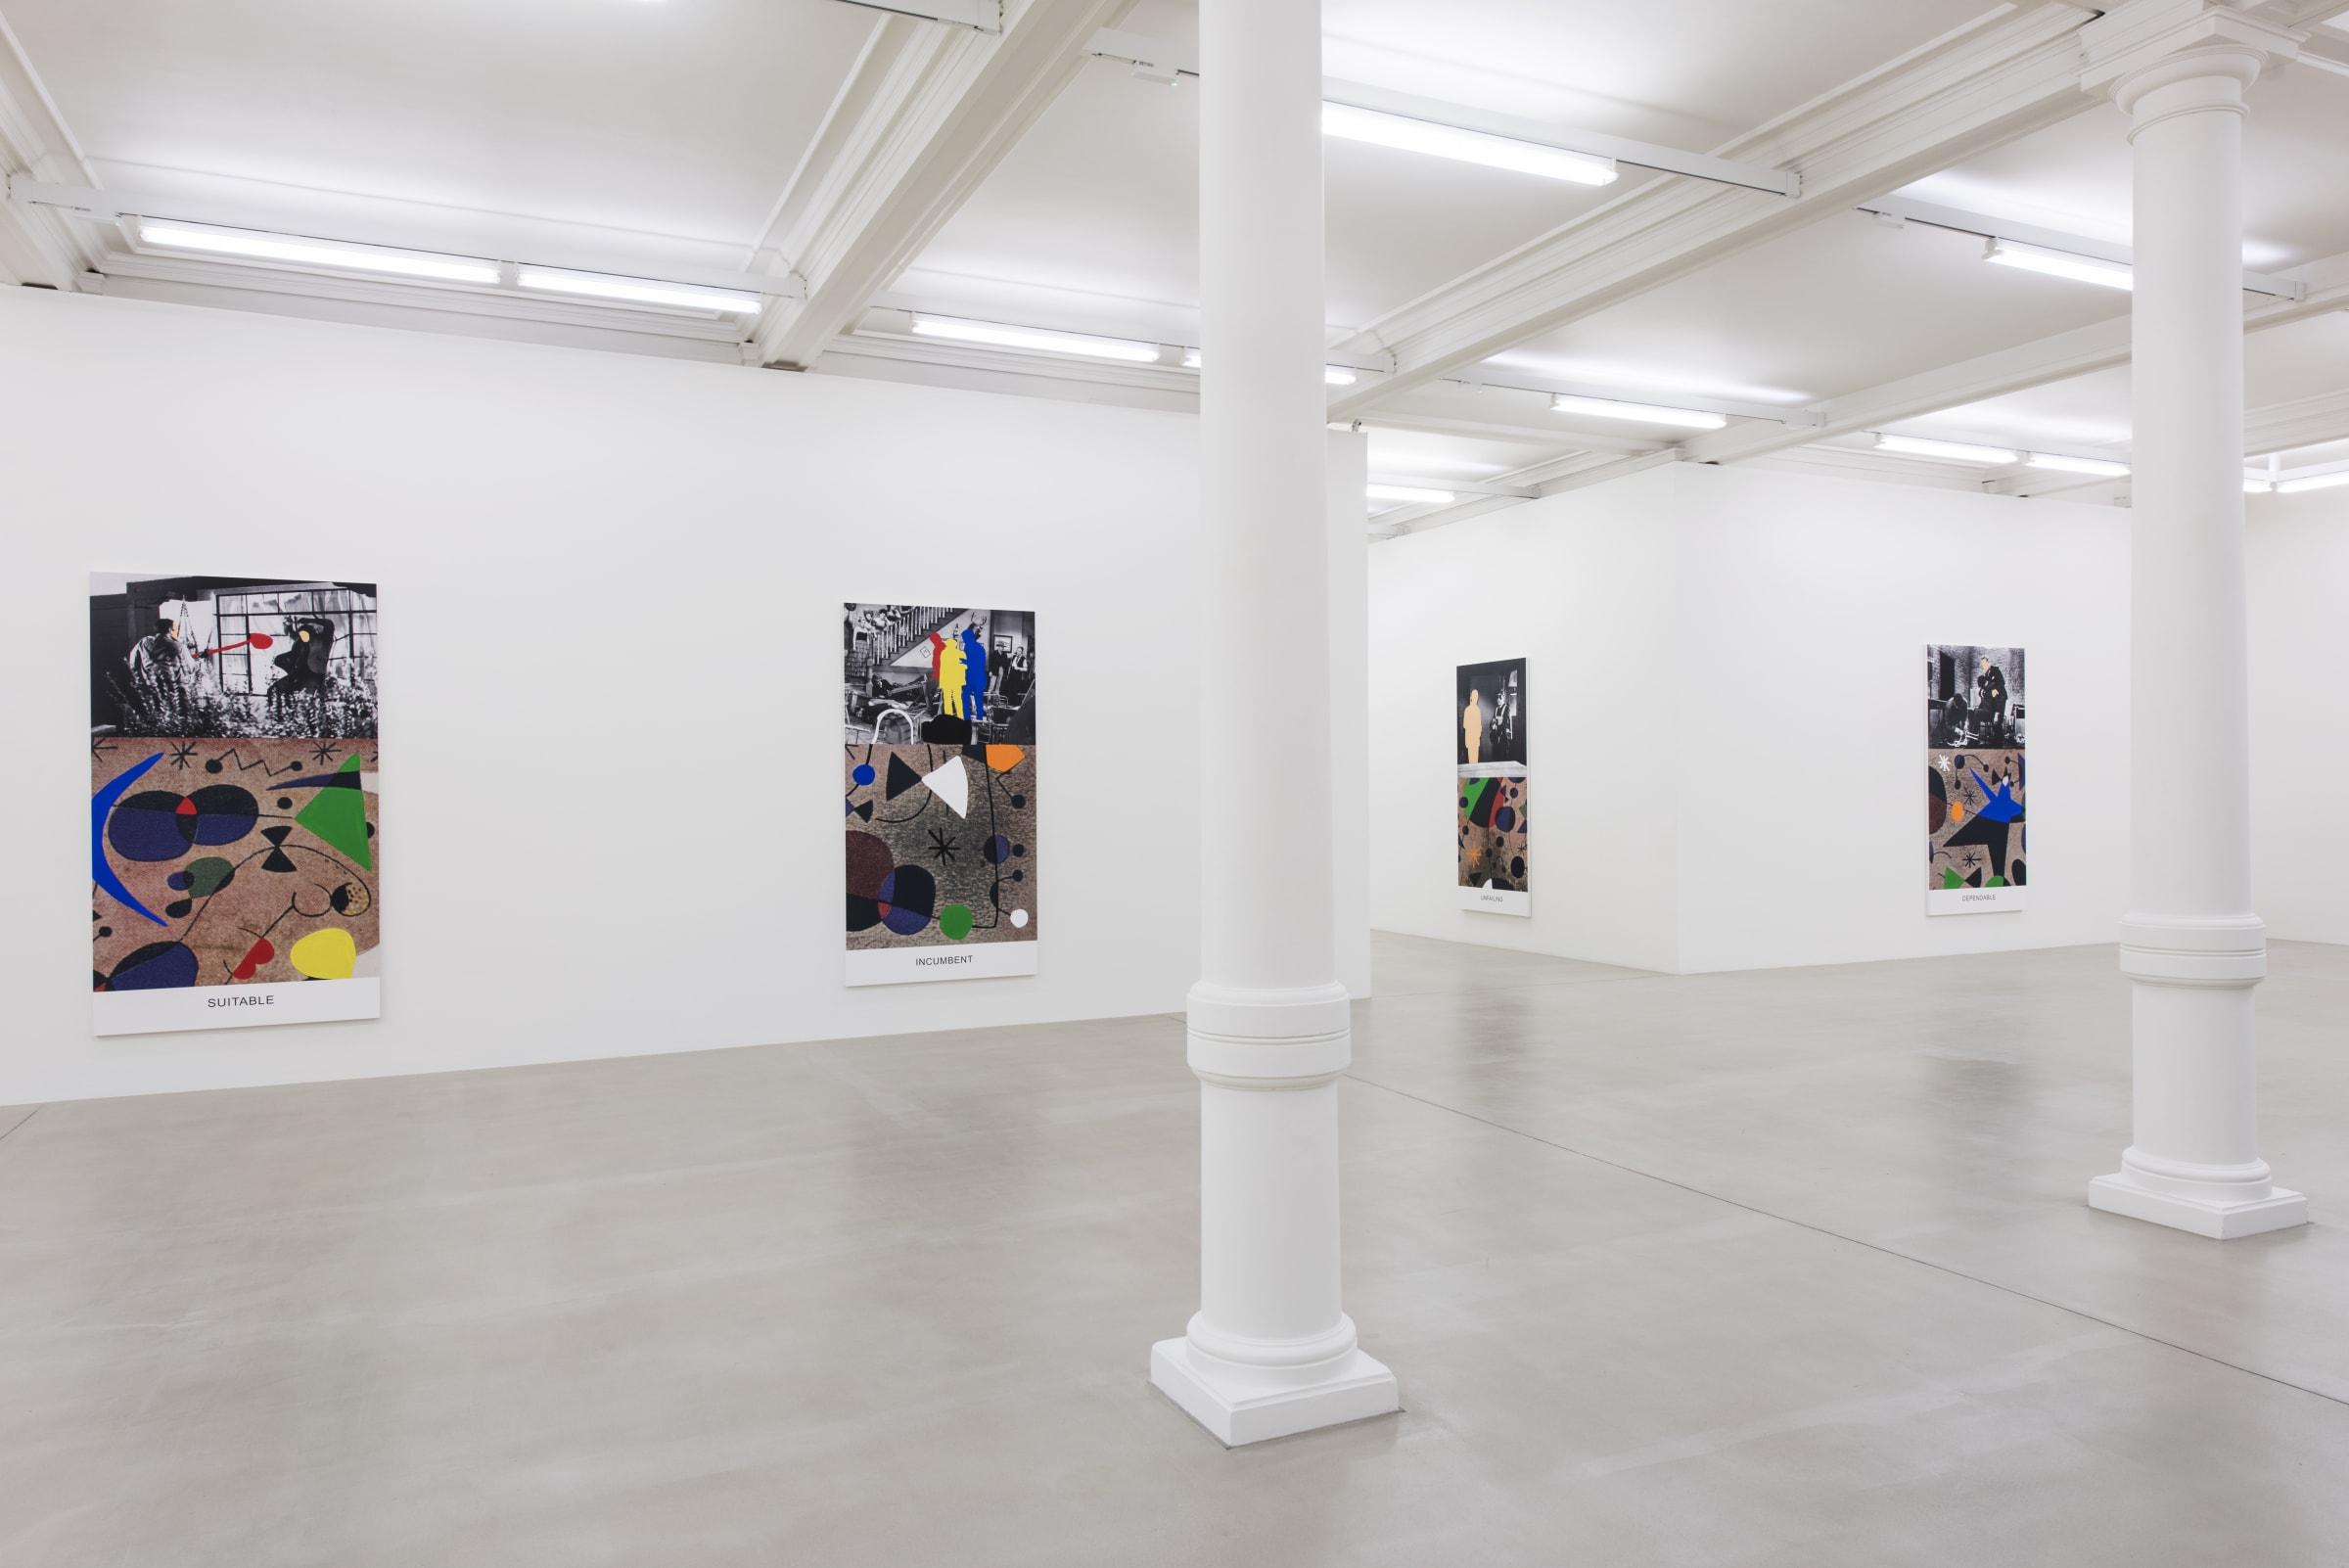 John Baldessari Miró and Life in General